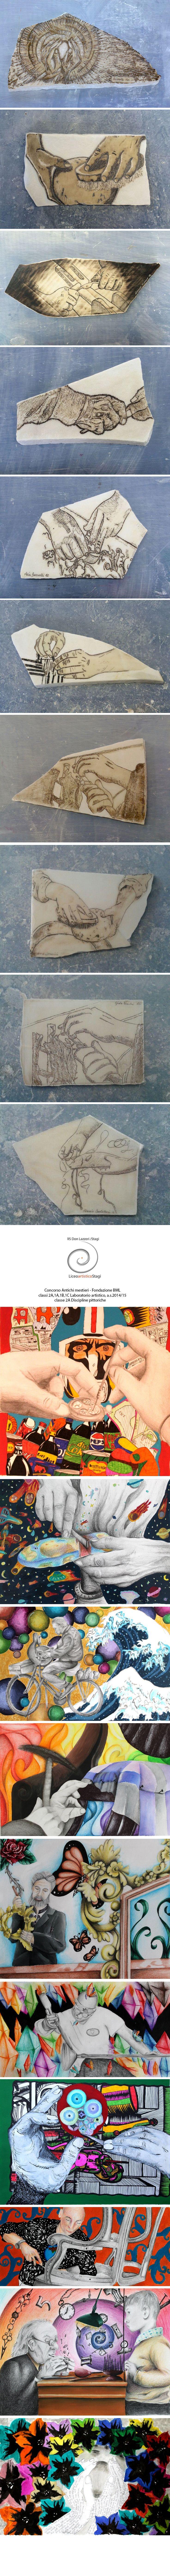 """Concorso di grafica, pittura e scultura """"Un viaggio nei mestieri del passato: i luoghi di lavoro, gli strumenti e i manufatti artigianali"""" Fondazione Banca del Monte di Lucca 2015. Elaborati degli allievi del Liceo artistico statale """"Stagio Stagi"""" di Pietrasanta, realizzati nelle materie di Discipline pittoriche (tavole grafiche classe 2A) e Laboratorio artistico (""""Scaglie di artigianato"""", incisioni su marmo classi 2A,1A,1B,1C)."""